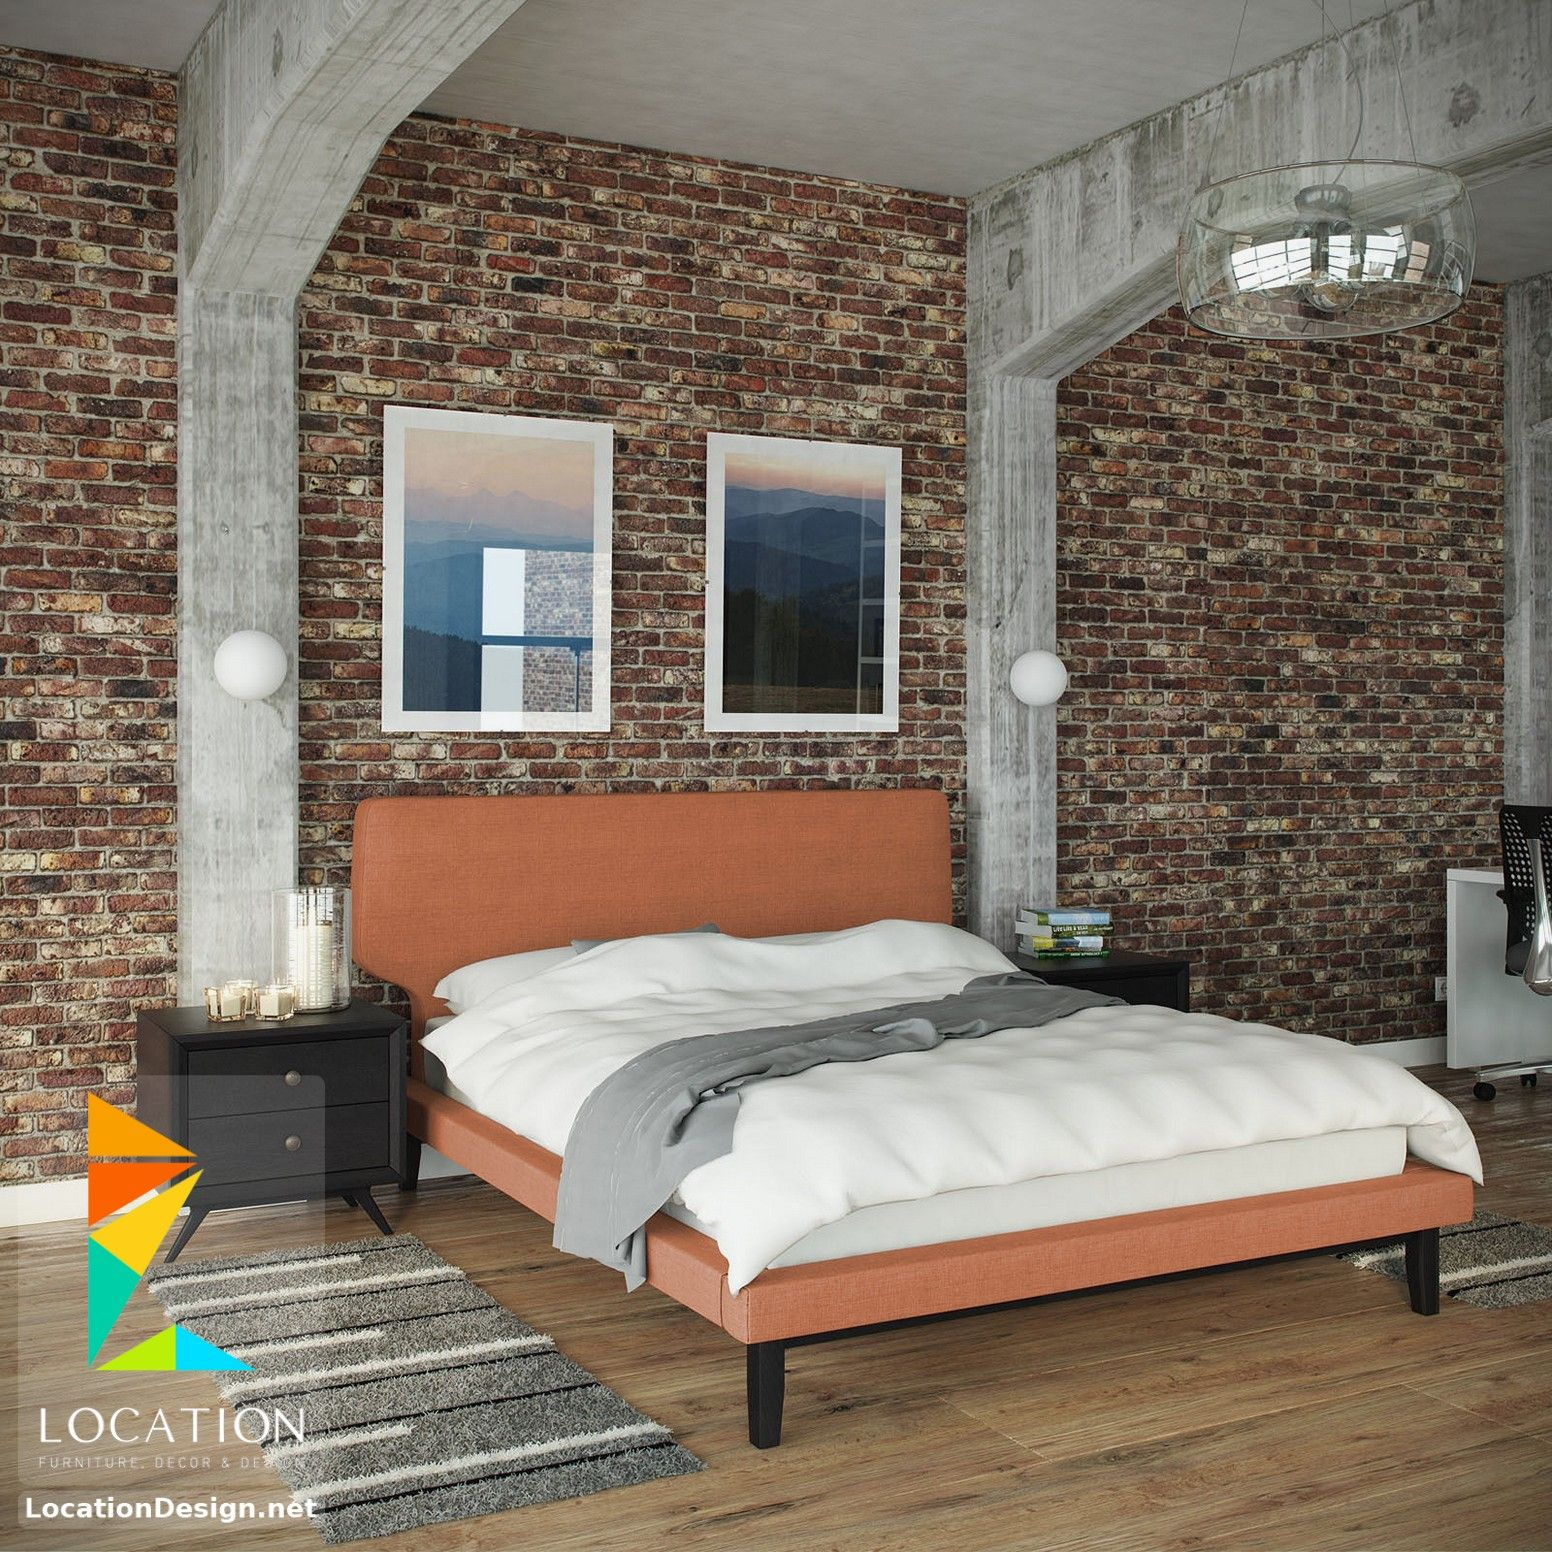 ديكورات غرف نوم صغيرة وبسيطة لوكشين ديزين نت Queen Sized Bedroom Sets Bedroom Sets Queen Queen Sized Bedroom